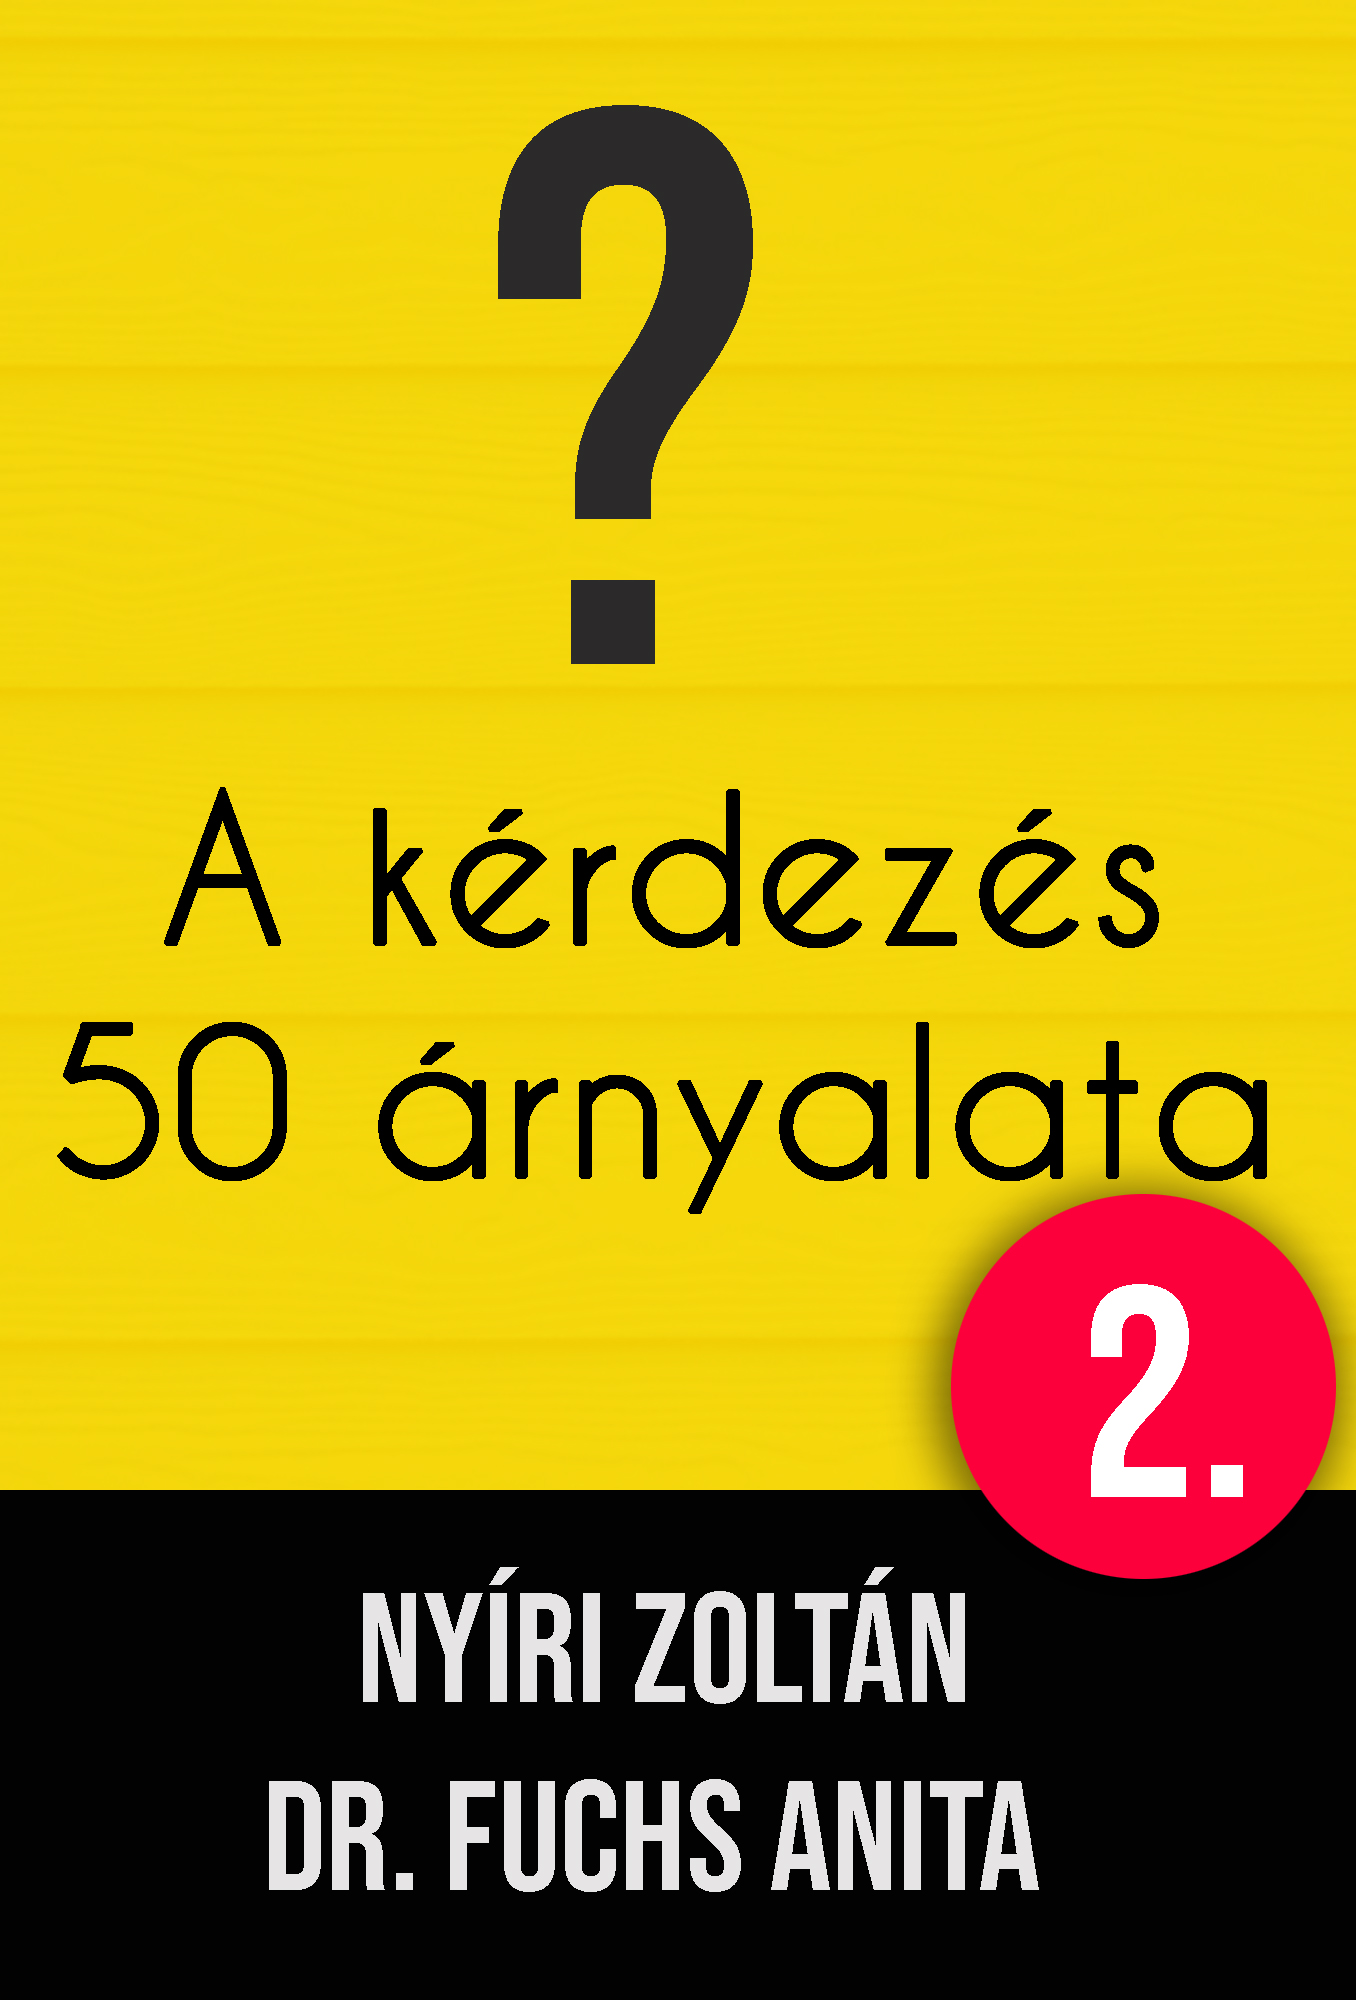 Nyíri Zoltán, Dr. Fuchs Anita: A kérdezés 50 árnyalata 2.